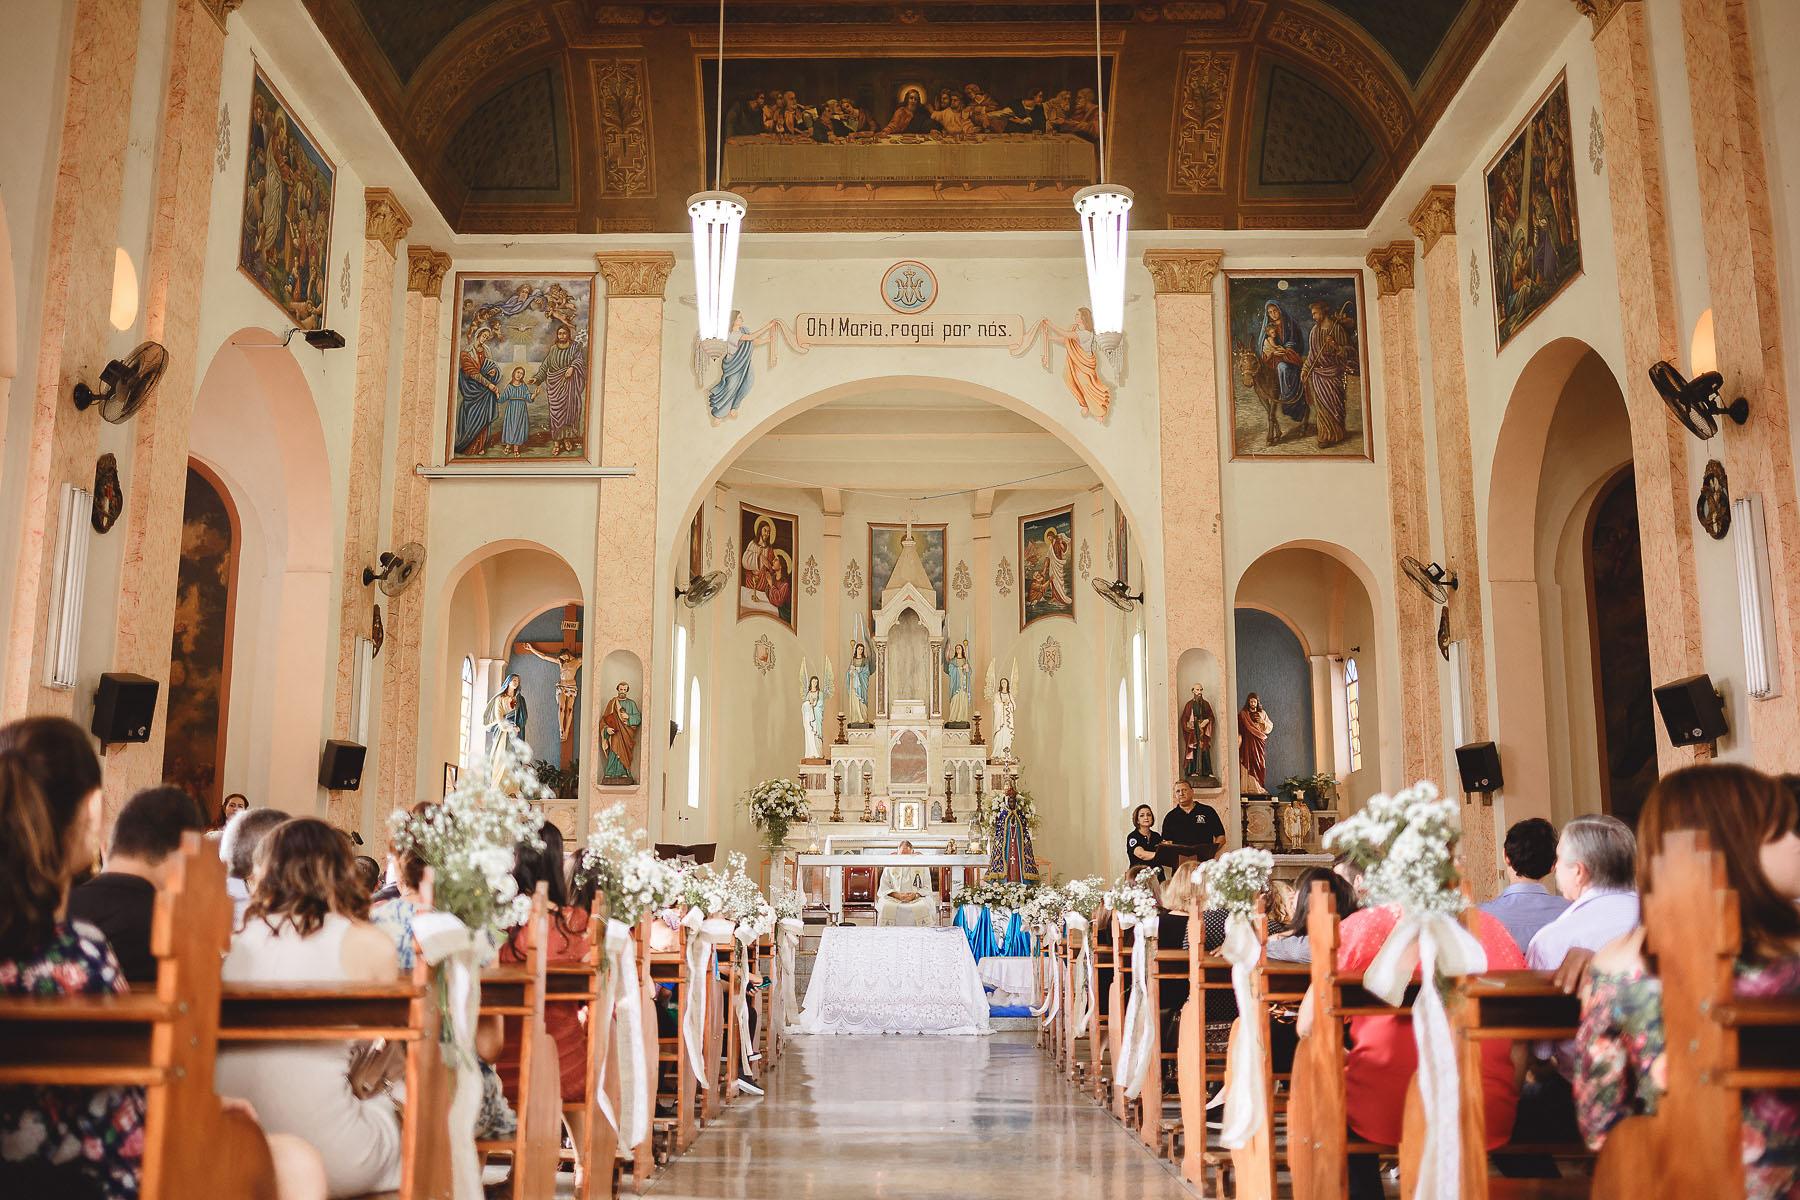 Casamento Rústico - Decoração da Igreja